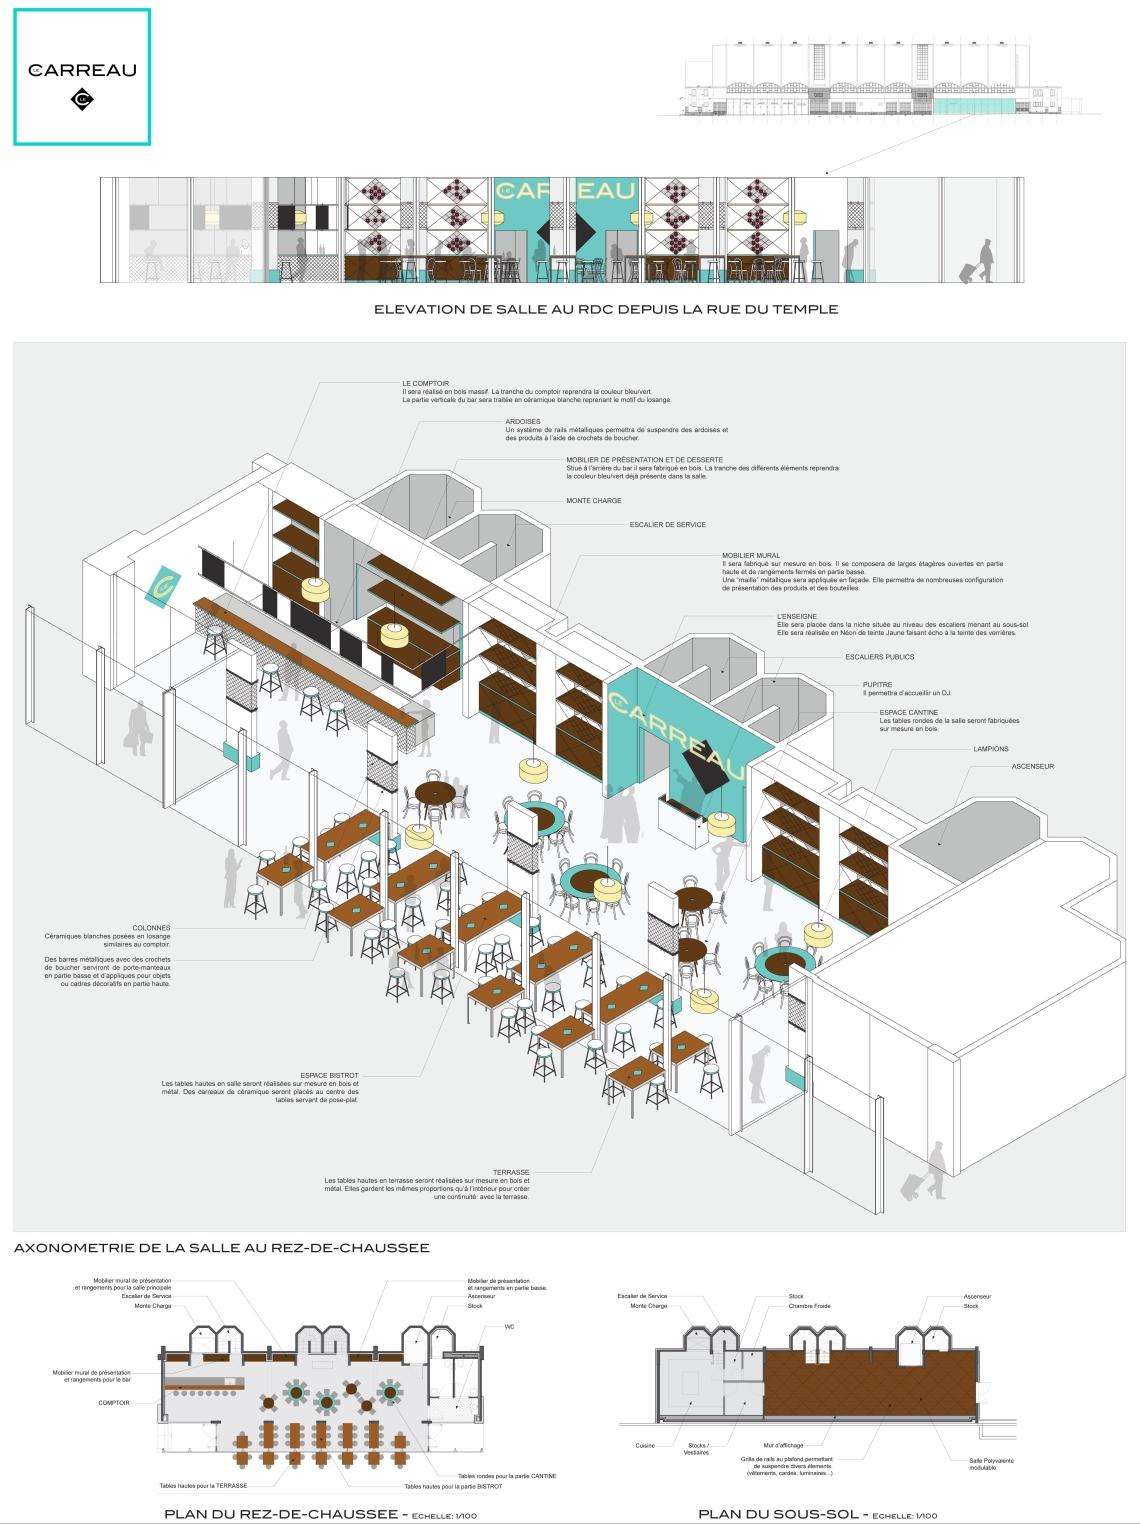 plans-projet-le-carreau-planda-architectes-aout-2012-1-e1537561432588.jpg